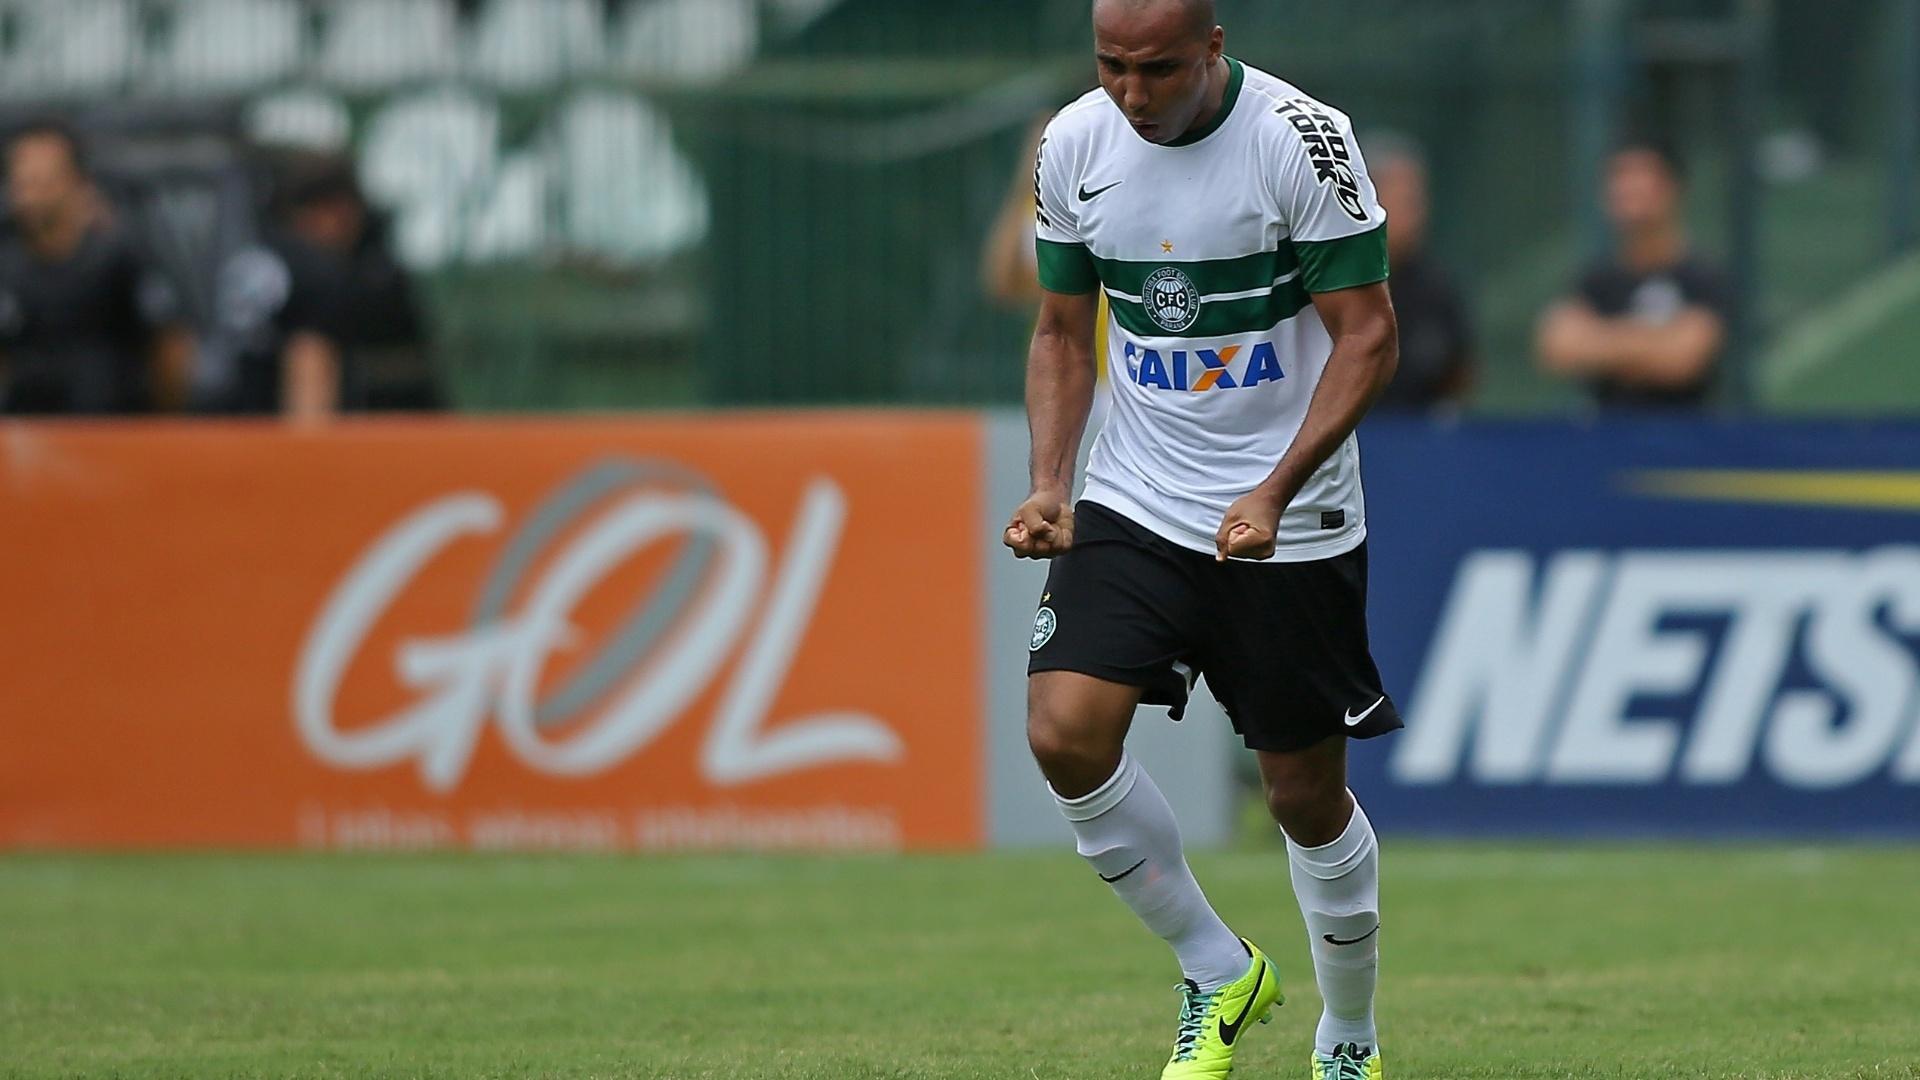 Deivid comera gol do Coritiba sobre o Botafogo